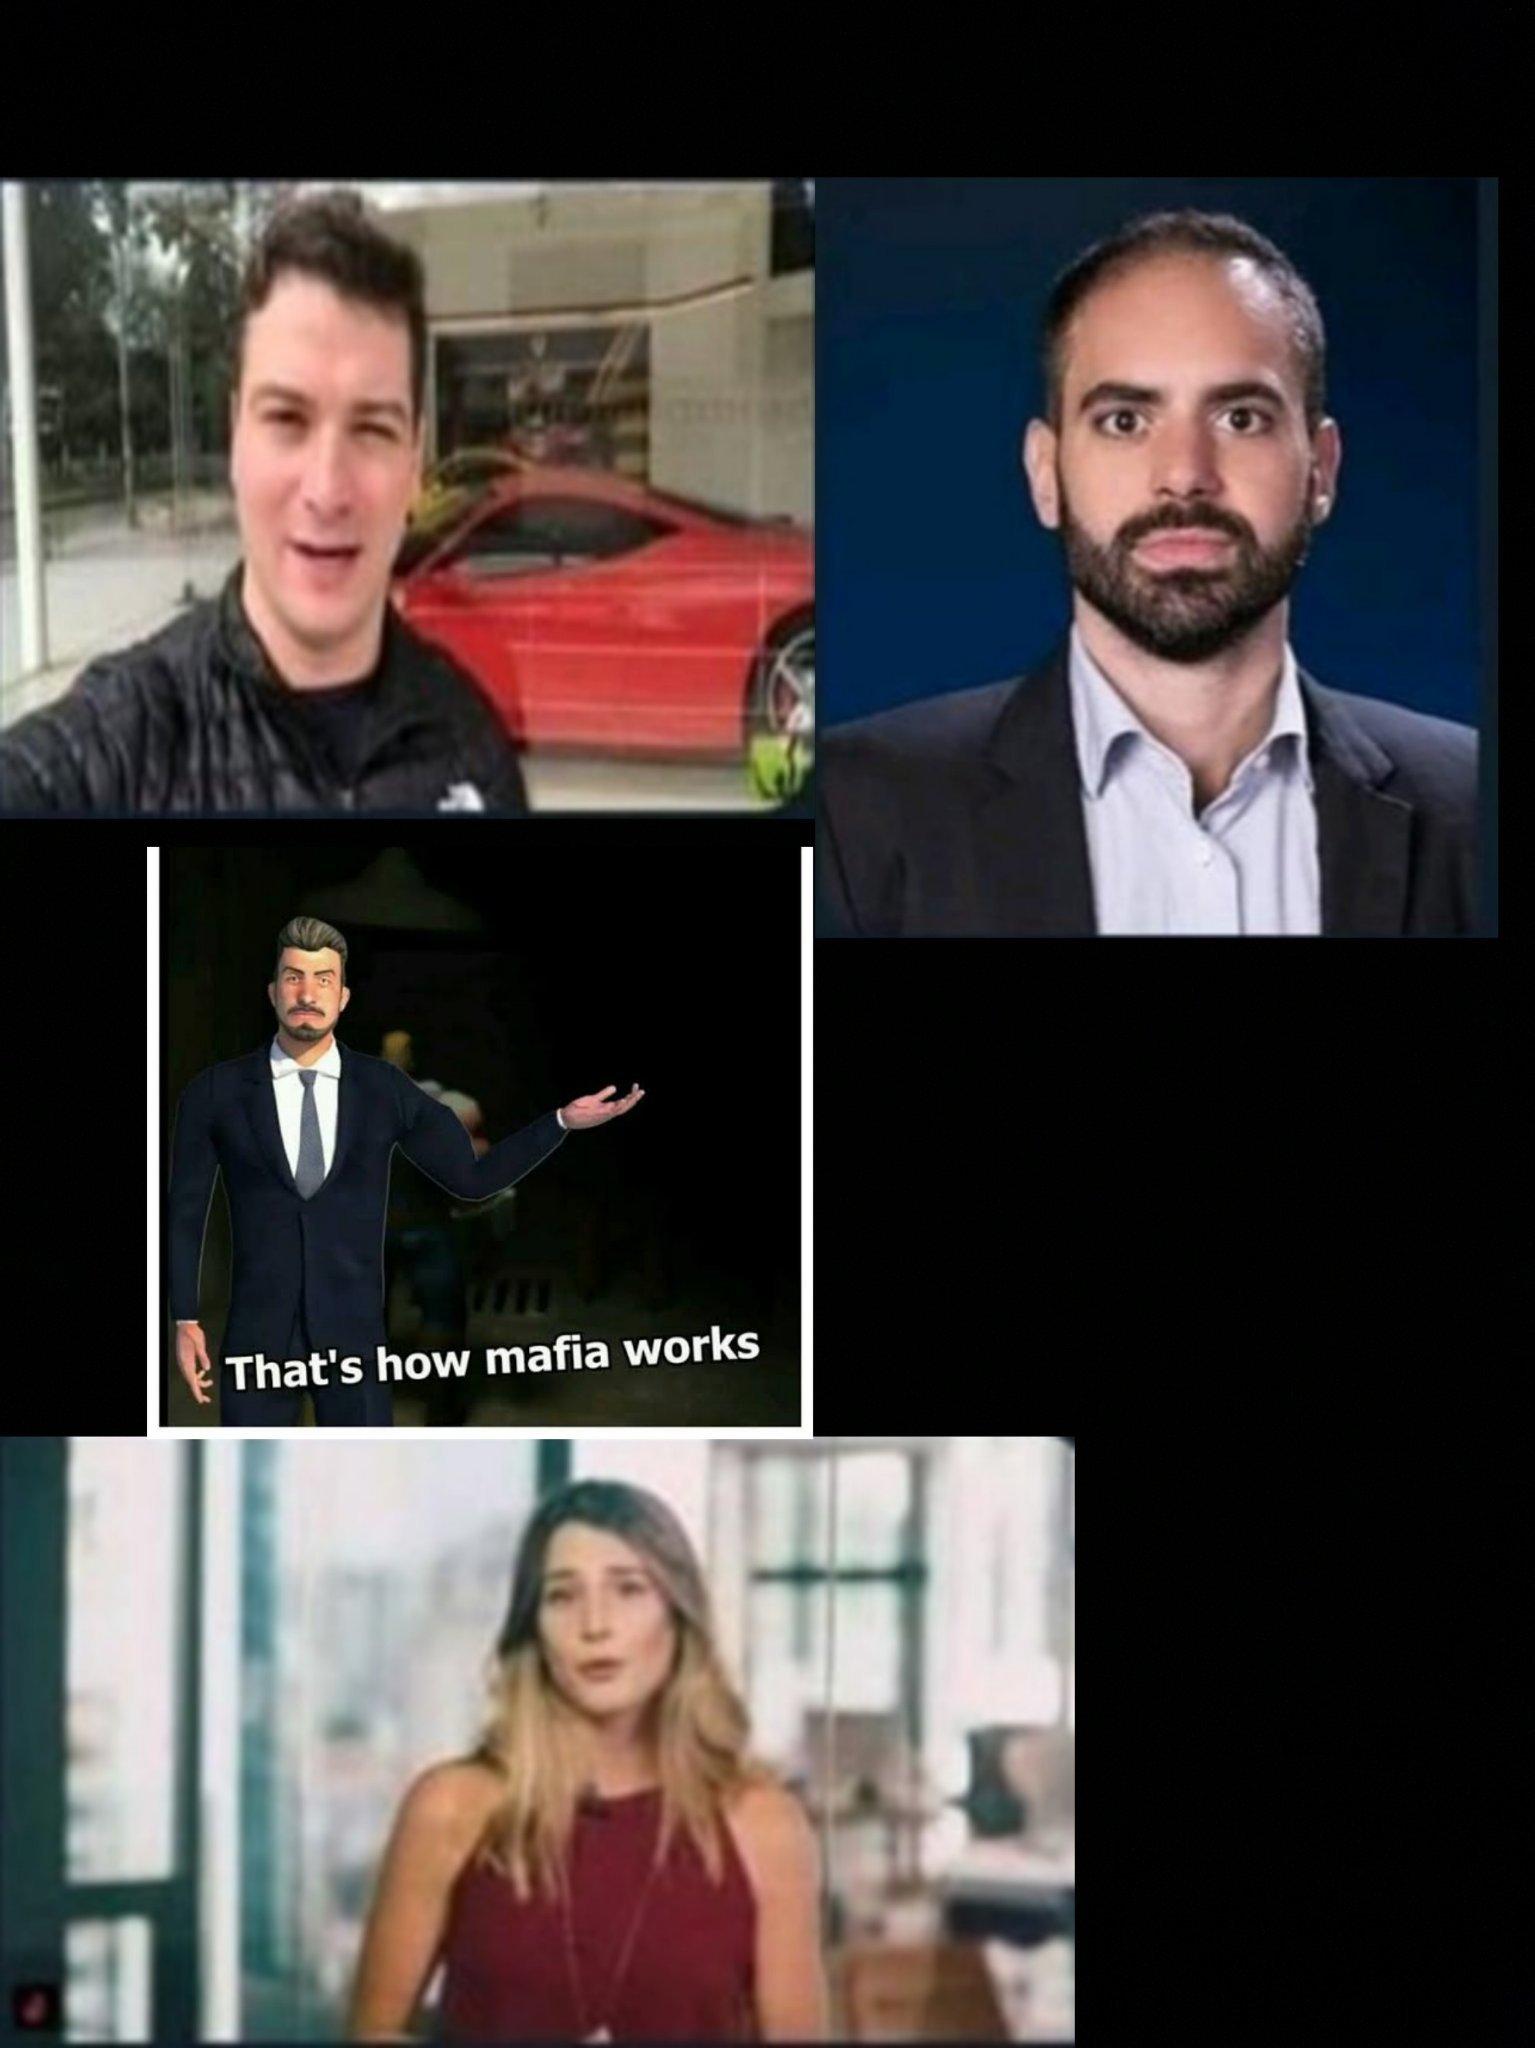 That's how mafia works - meme